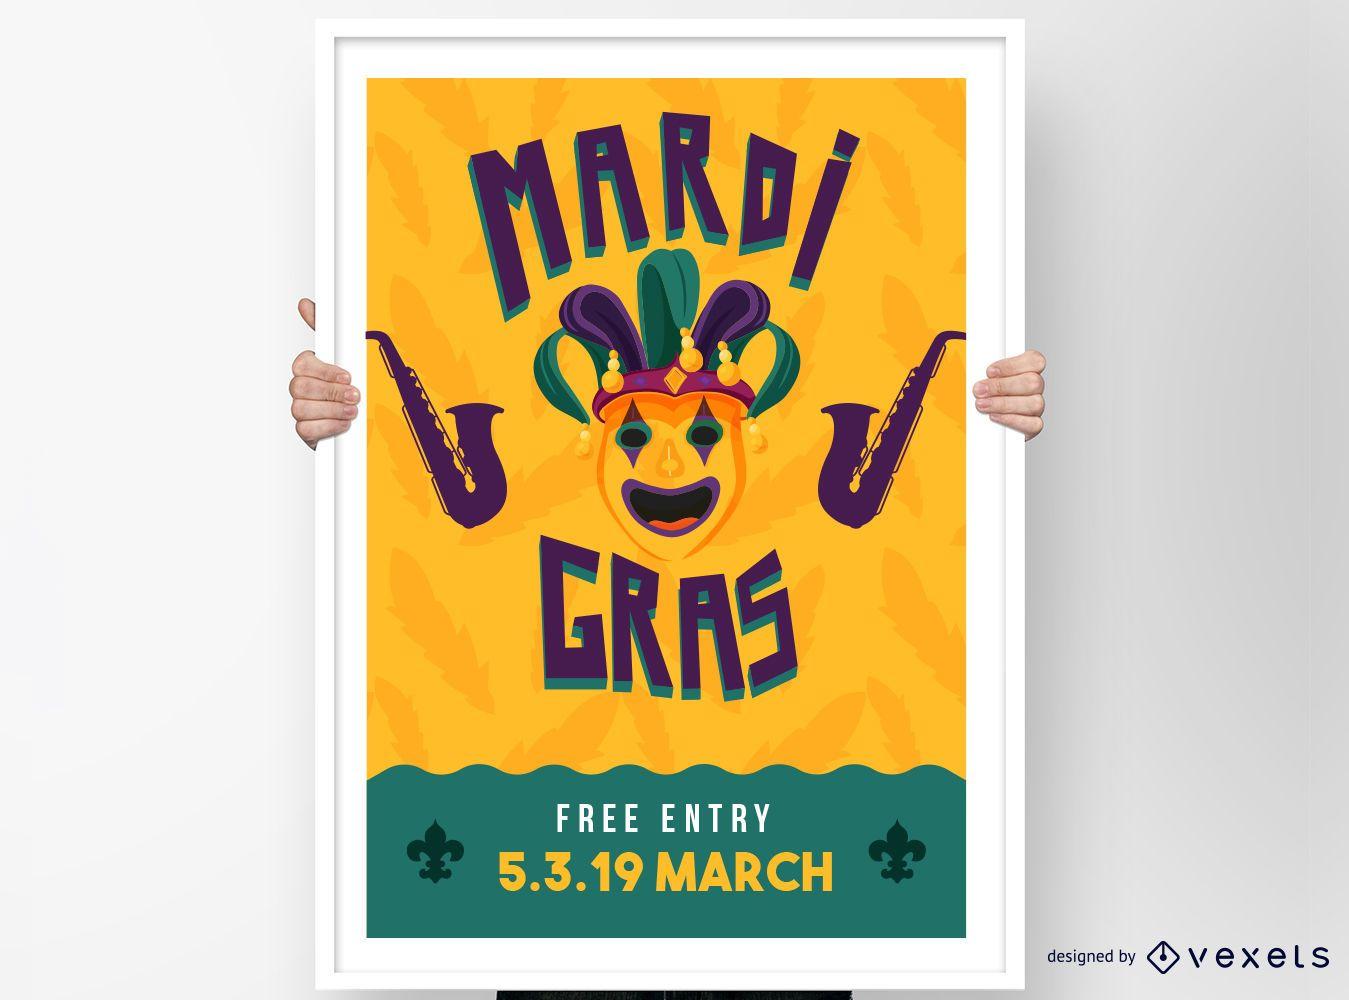 Dise?o de cartel de payaso de Mardi Gras